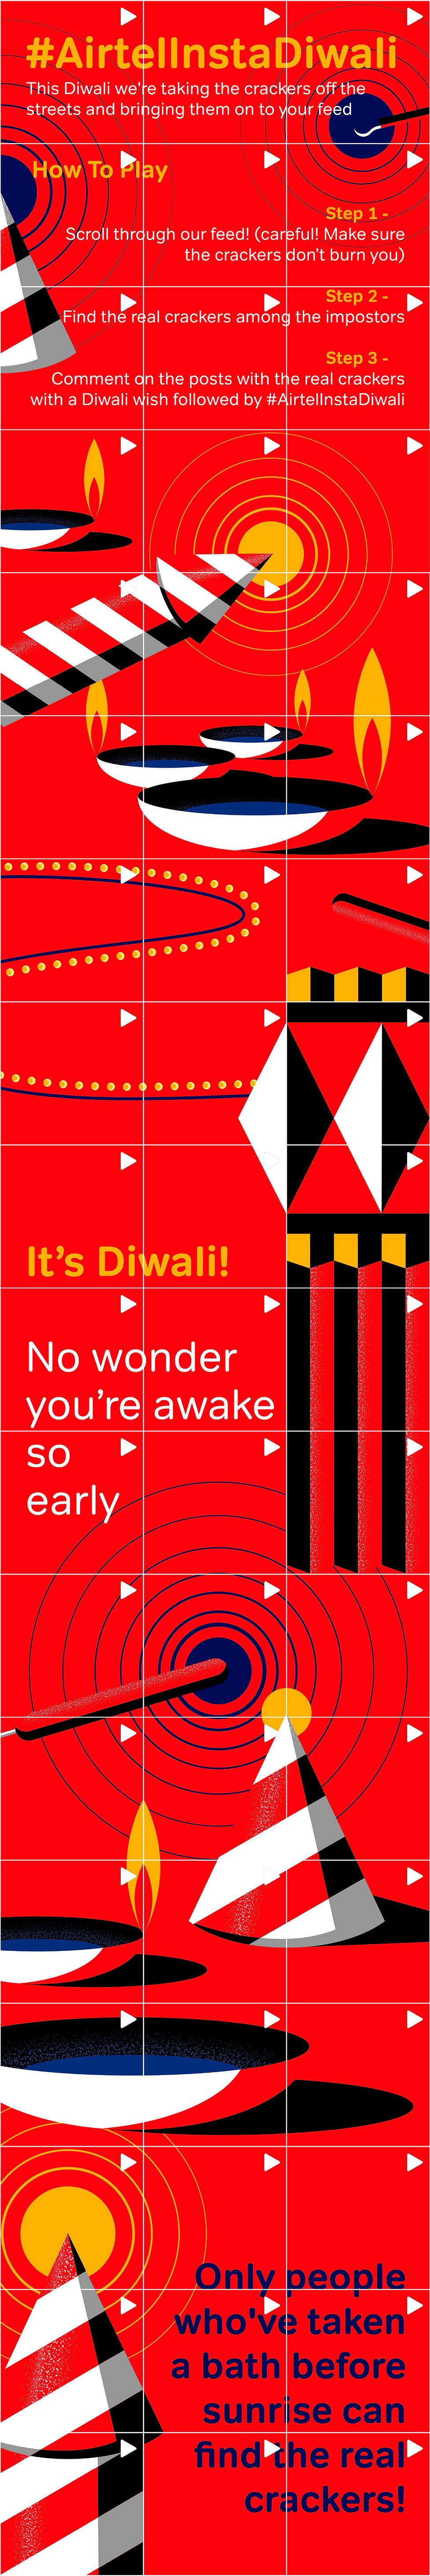 Diwali-1.jpg